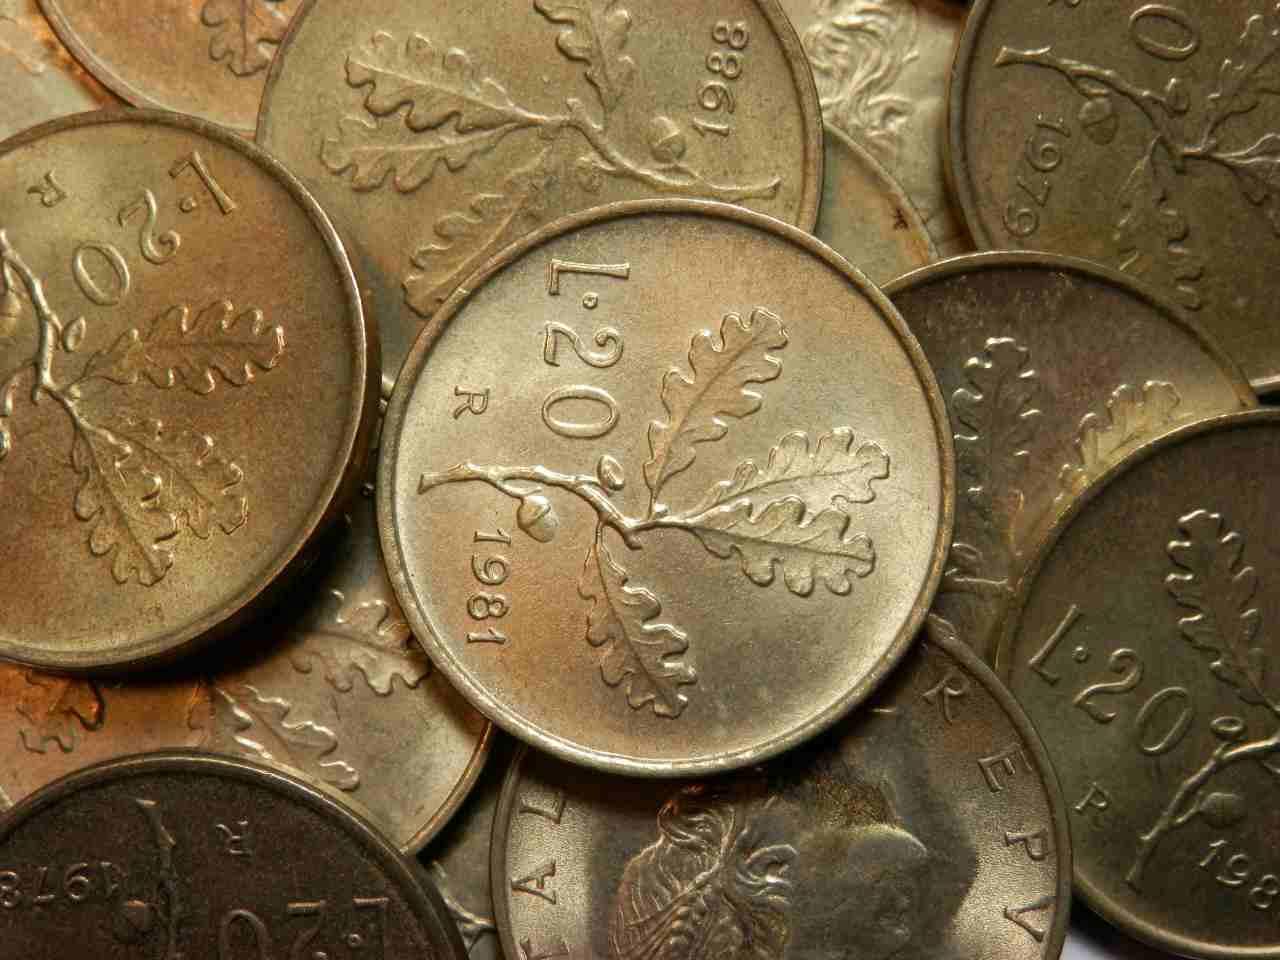 Monete da 20 lire (Adobe Stock)